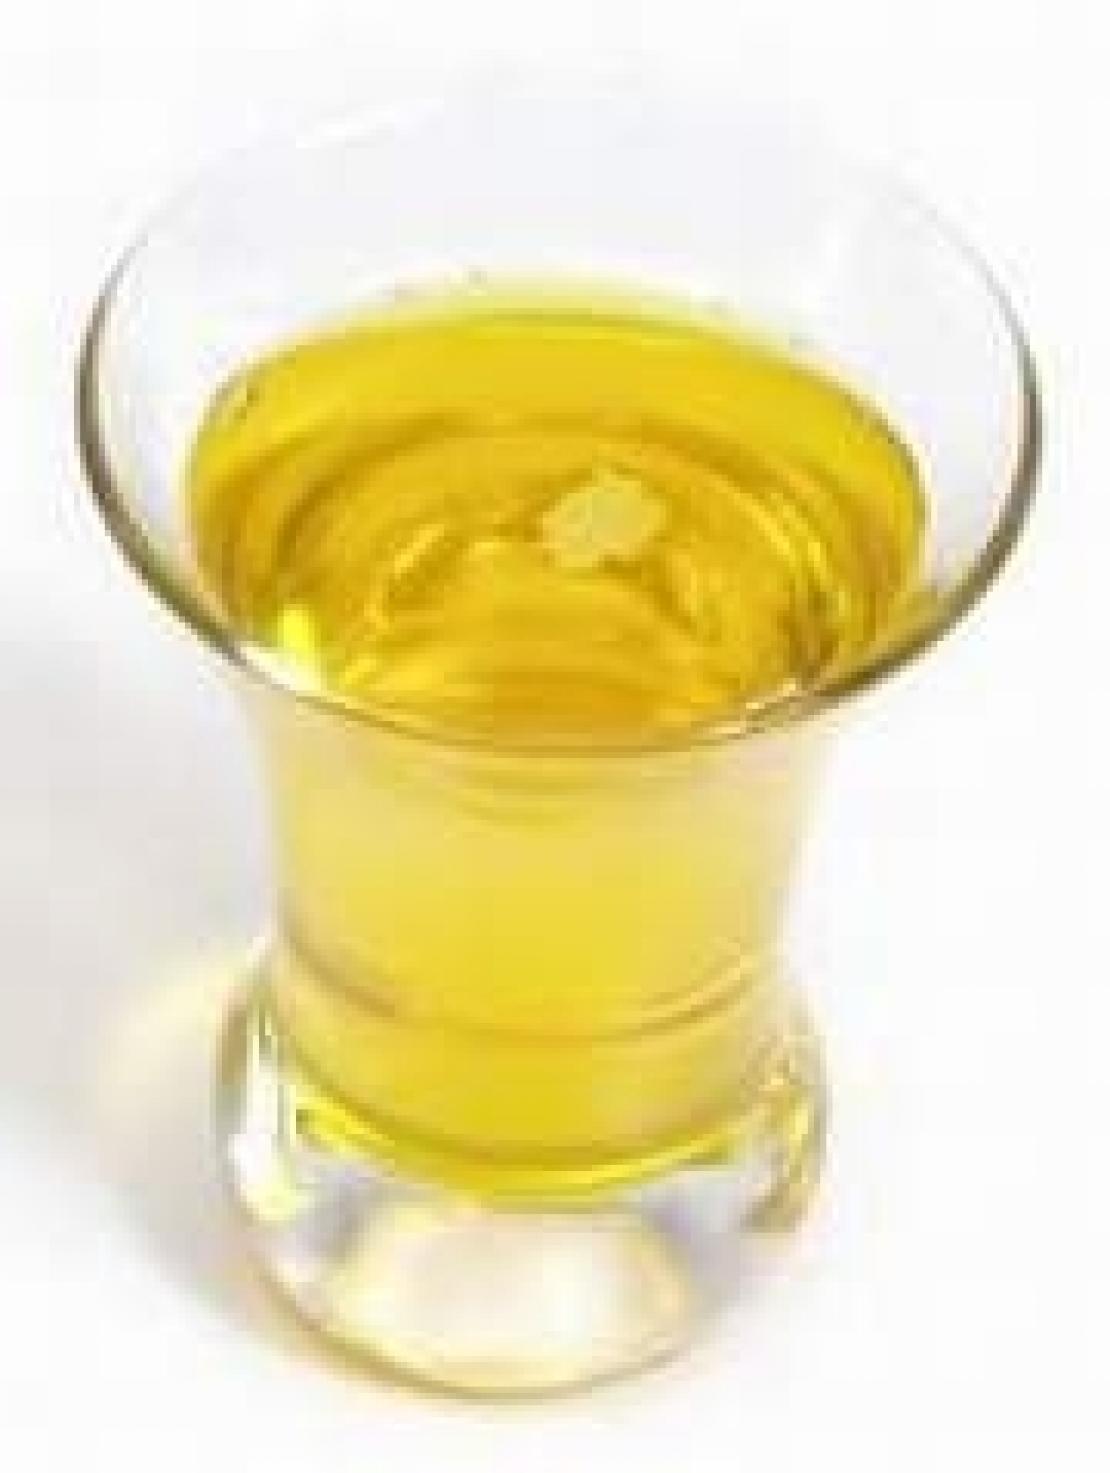 Ecco perchè non conviene comprare oli a basso contenuto fenolico